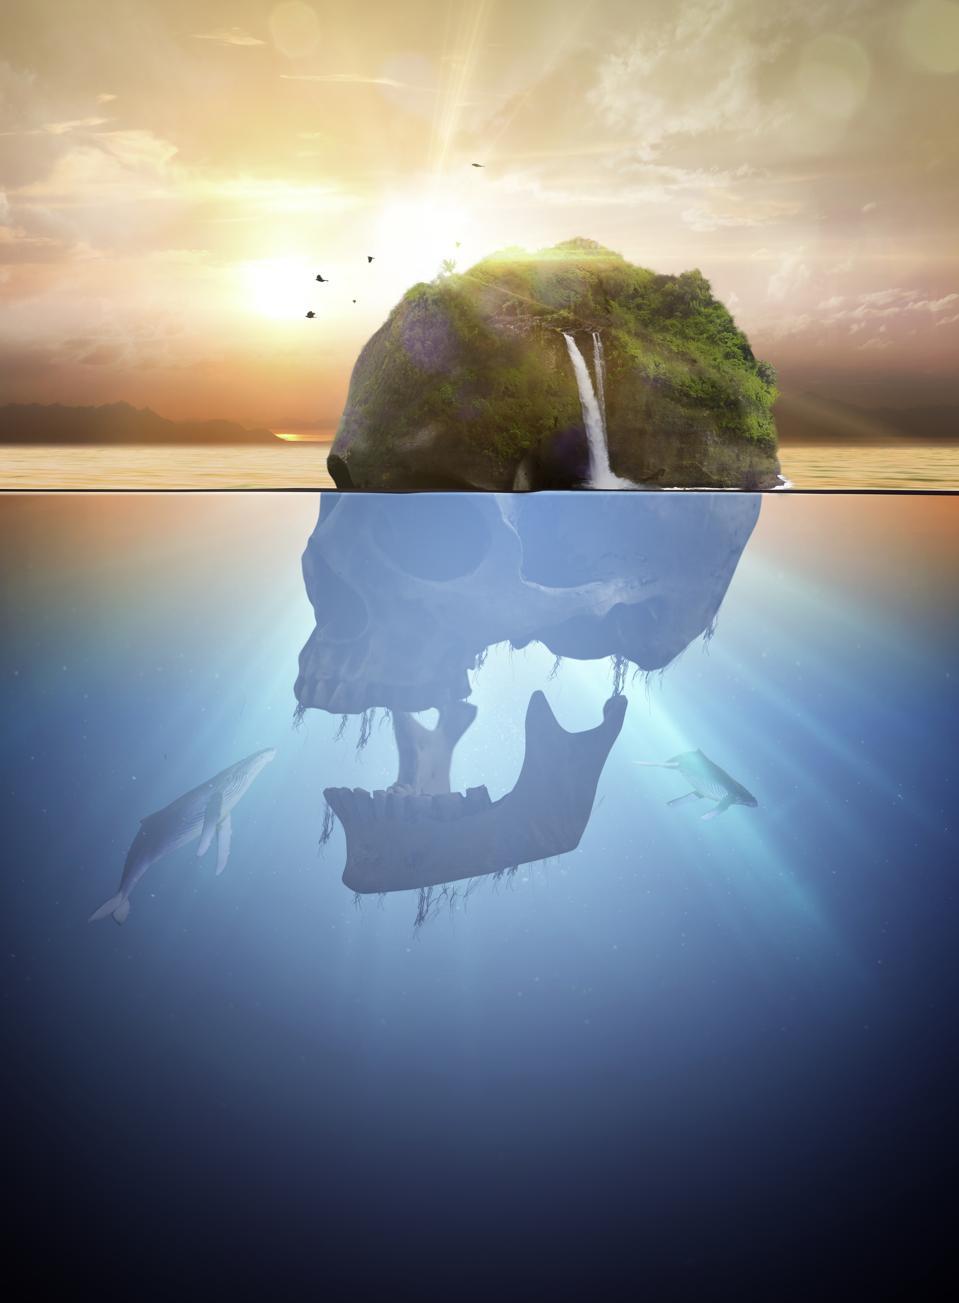 Skull island